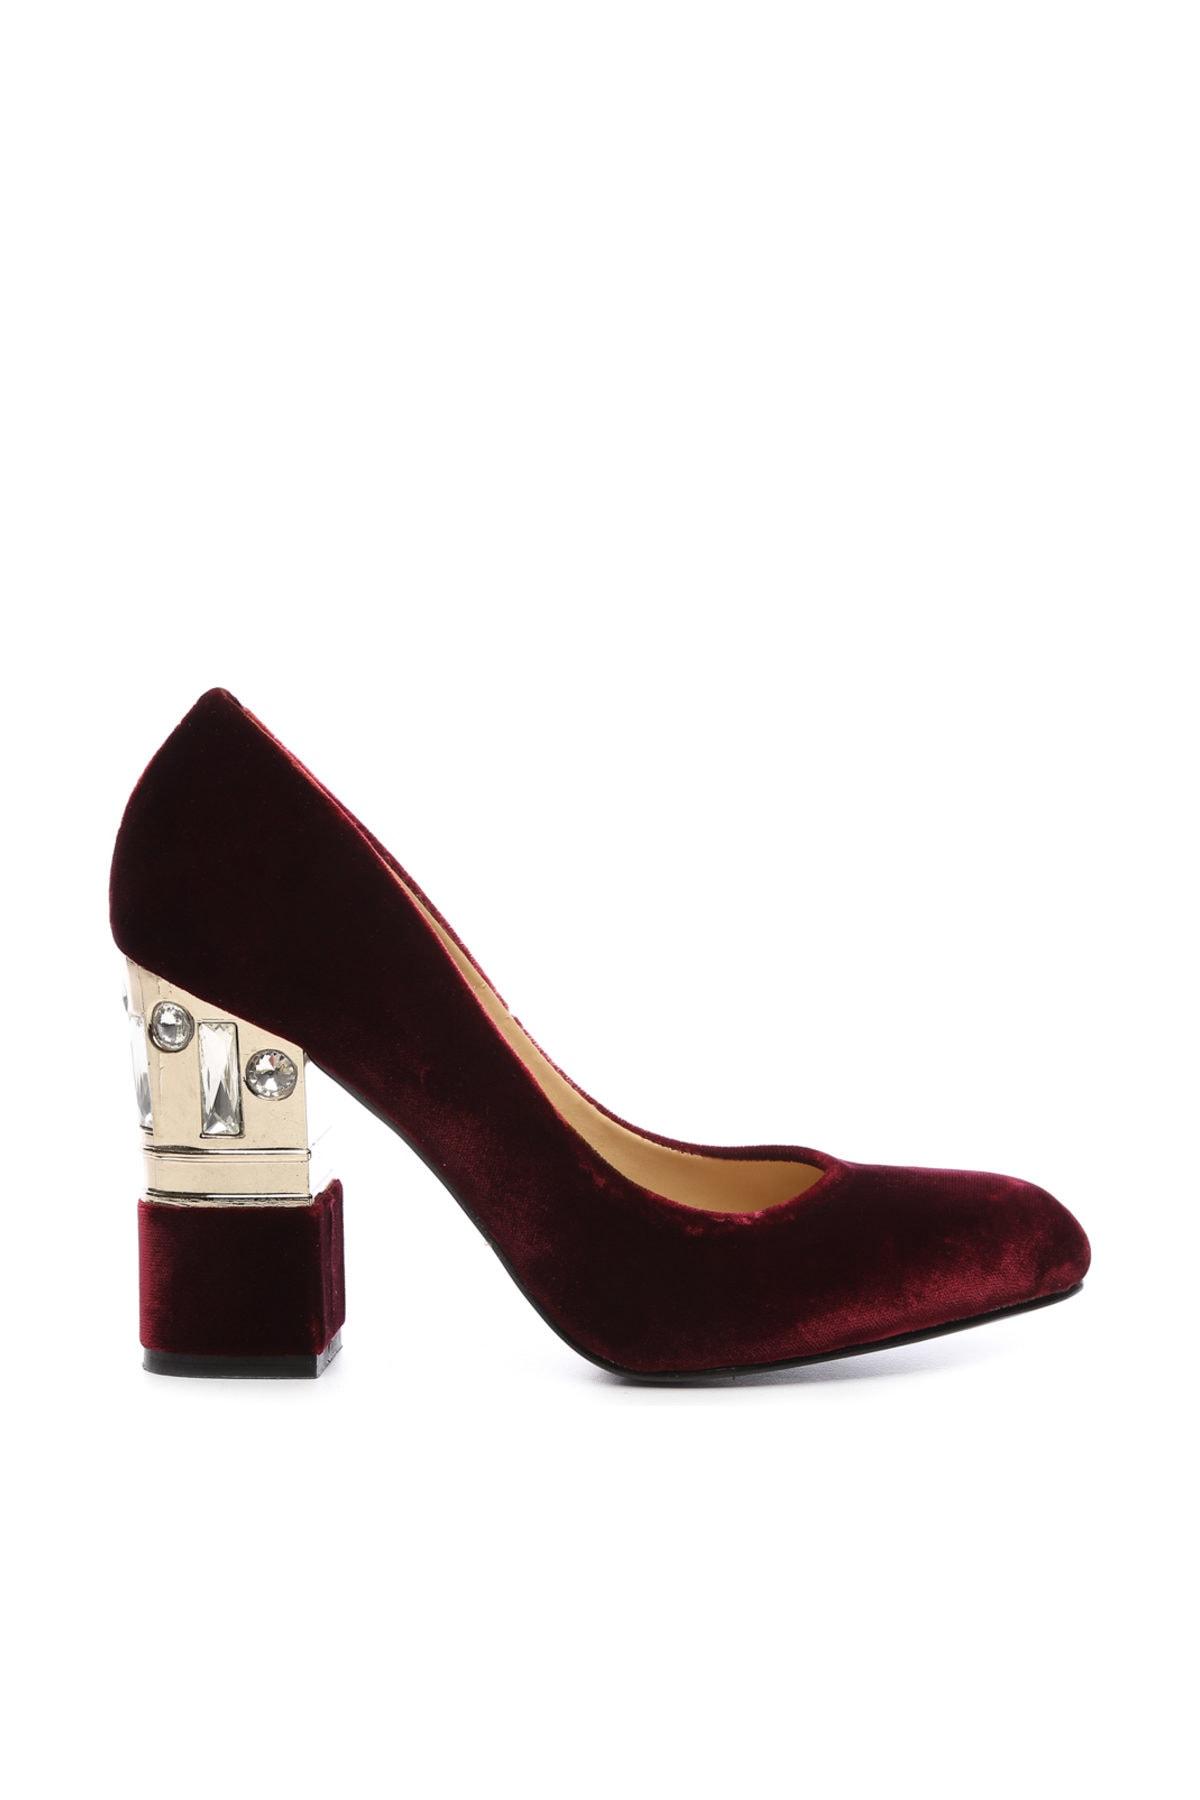 KEMAL TANCA Hakiki Deri Bordo  Kadın Abiye Ayakkabı 22 2051 BN AYK 1